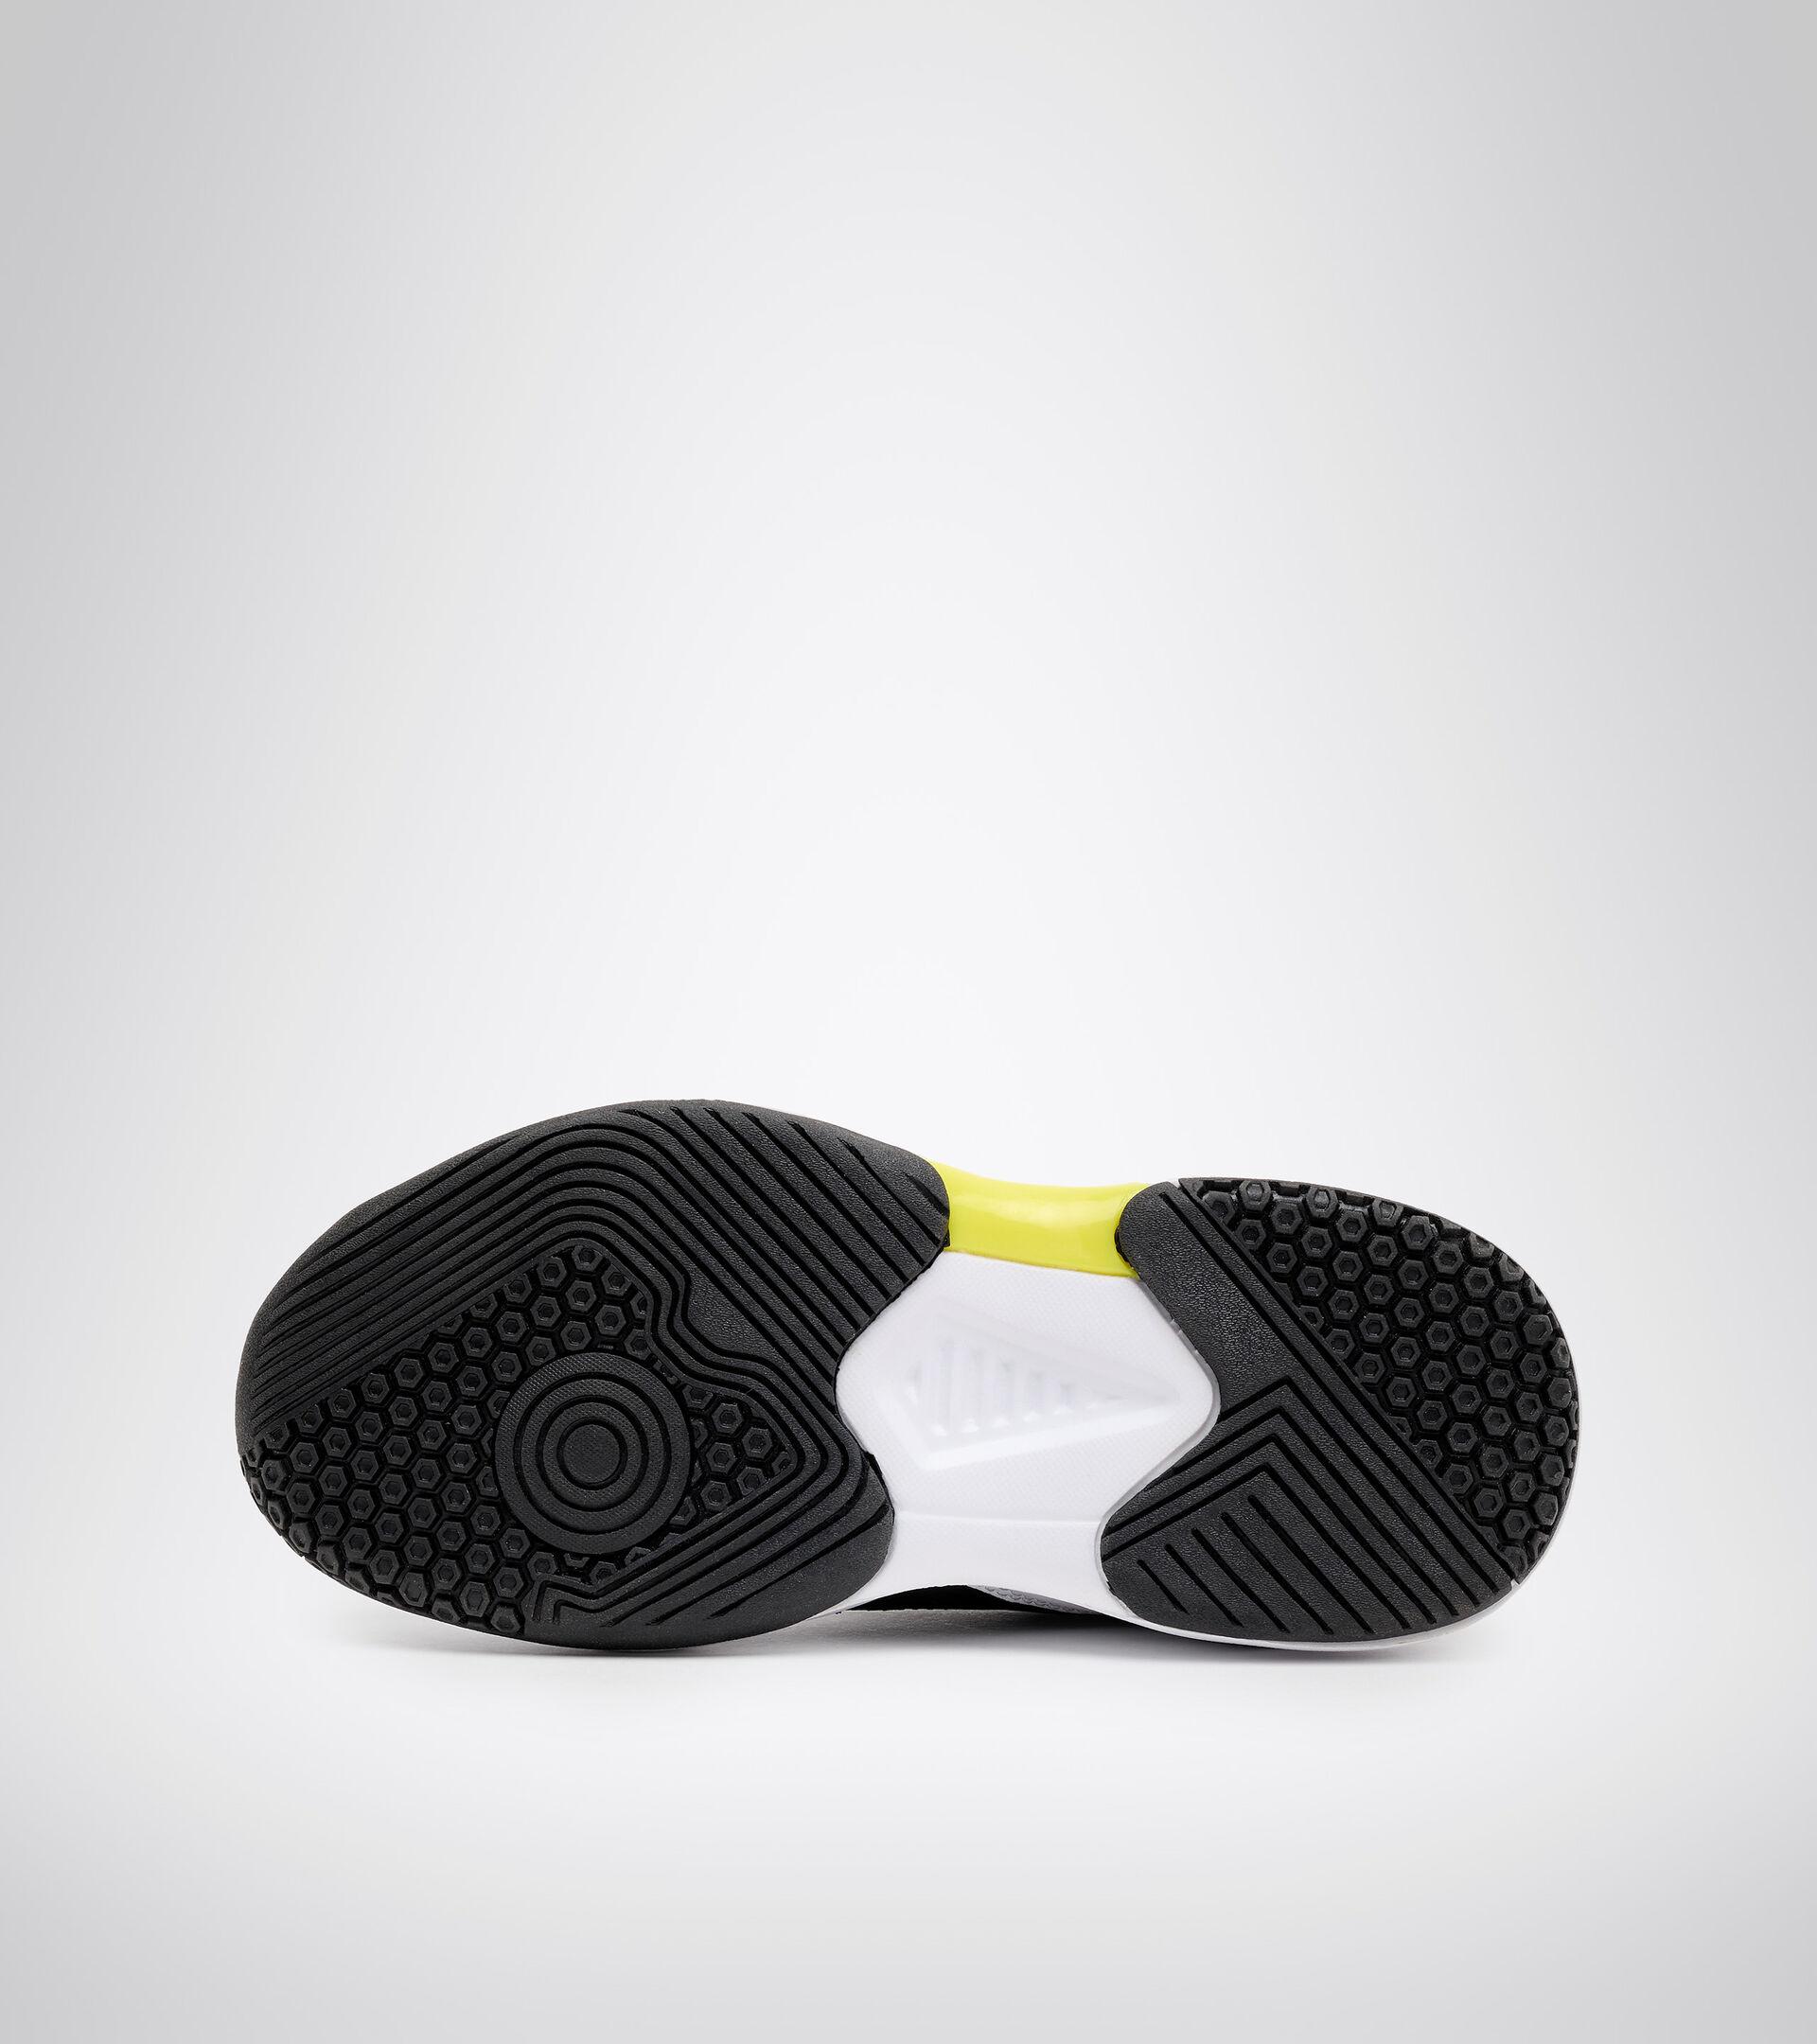 Tennisschuh für harte Böden und Sandplätze - Unisex Kind S. CHALLENGE 3 SL JR WSS/SCHWZ/SCHWEFELQUELLE - Diadora